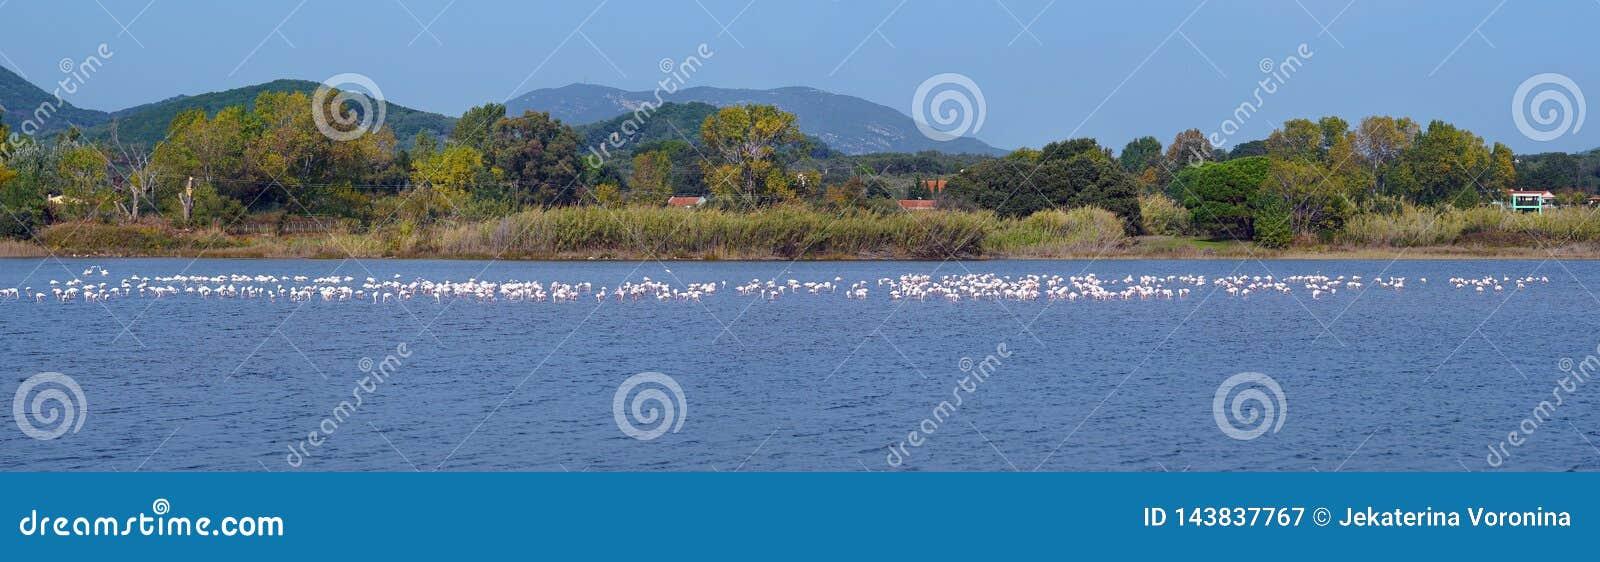 Le lac Korission est un écosystème très important de Corfou, où beaucoup d oiseaux migrateurs comme les flamants roses s arrêtent